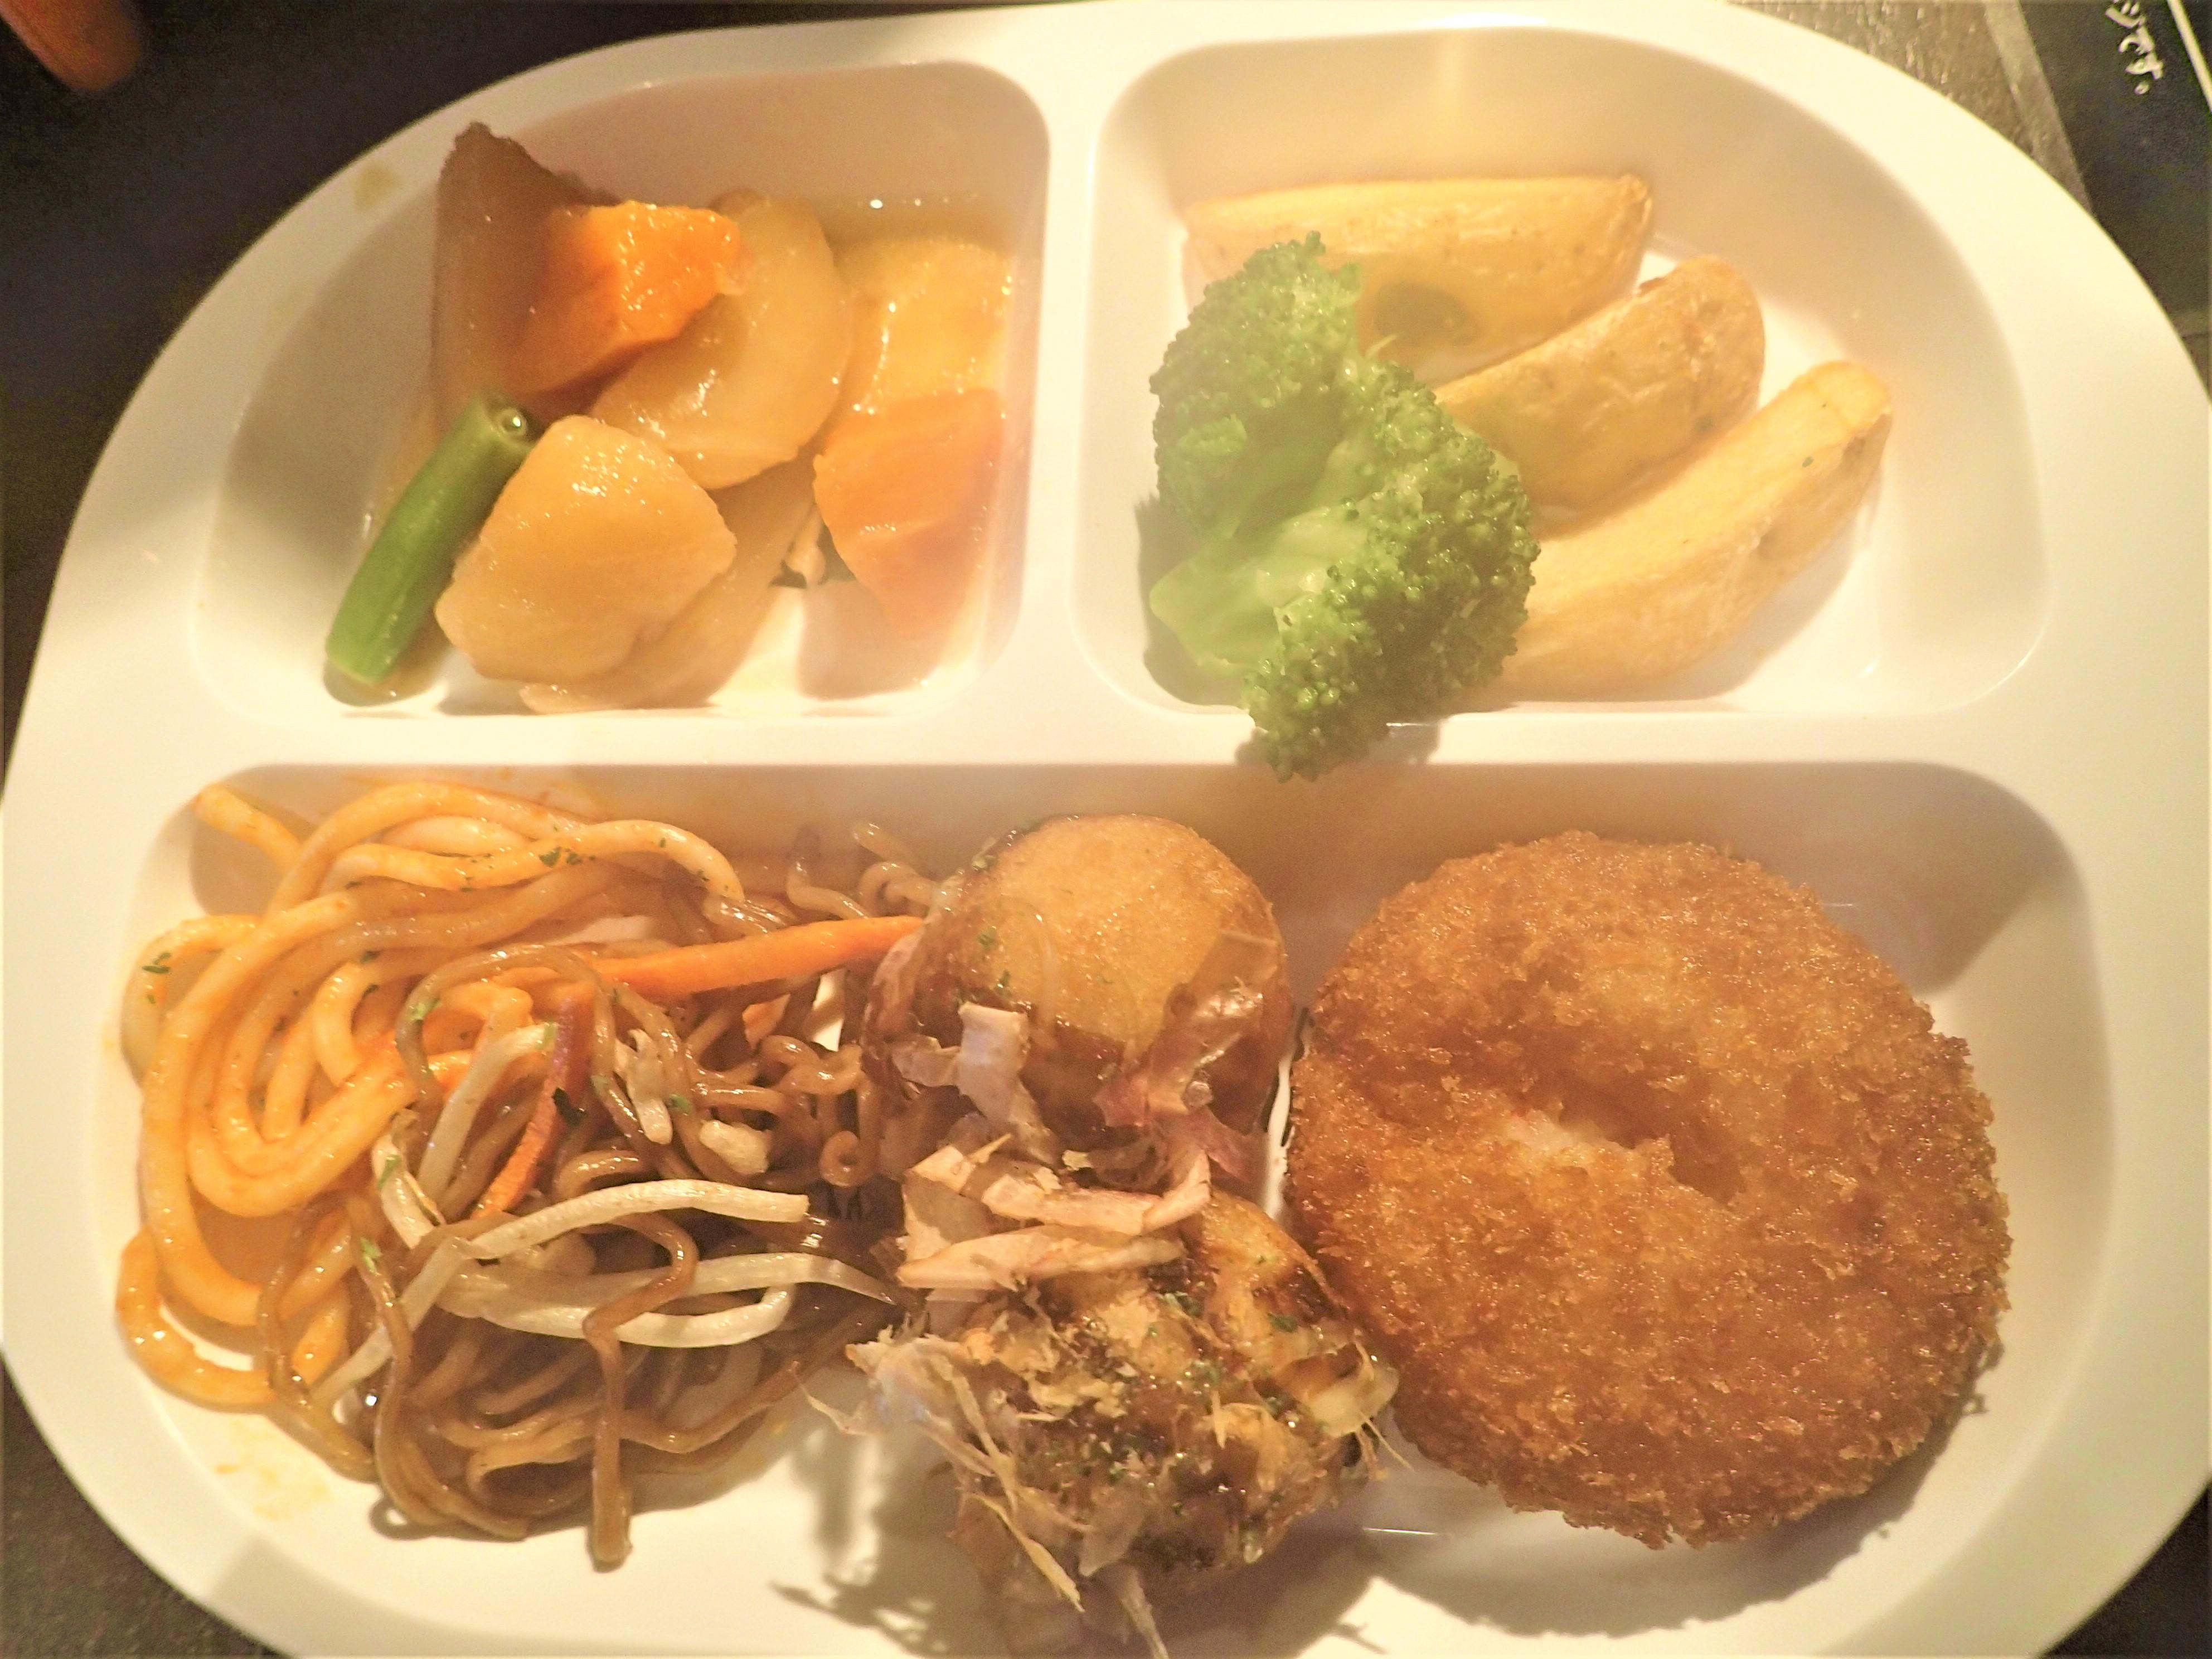 子連れ外食レポ★すたみな太郎へまたまた行ってきたら息子が一番スタミナ付けて楽しんでた(笑)【1歳2か月】